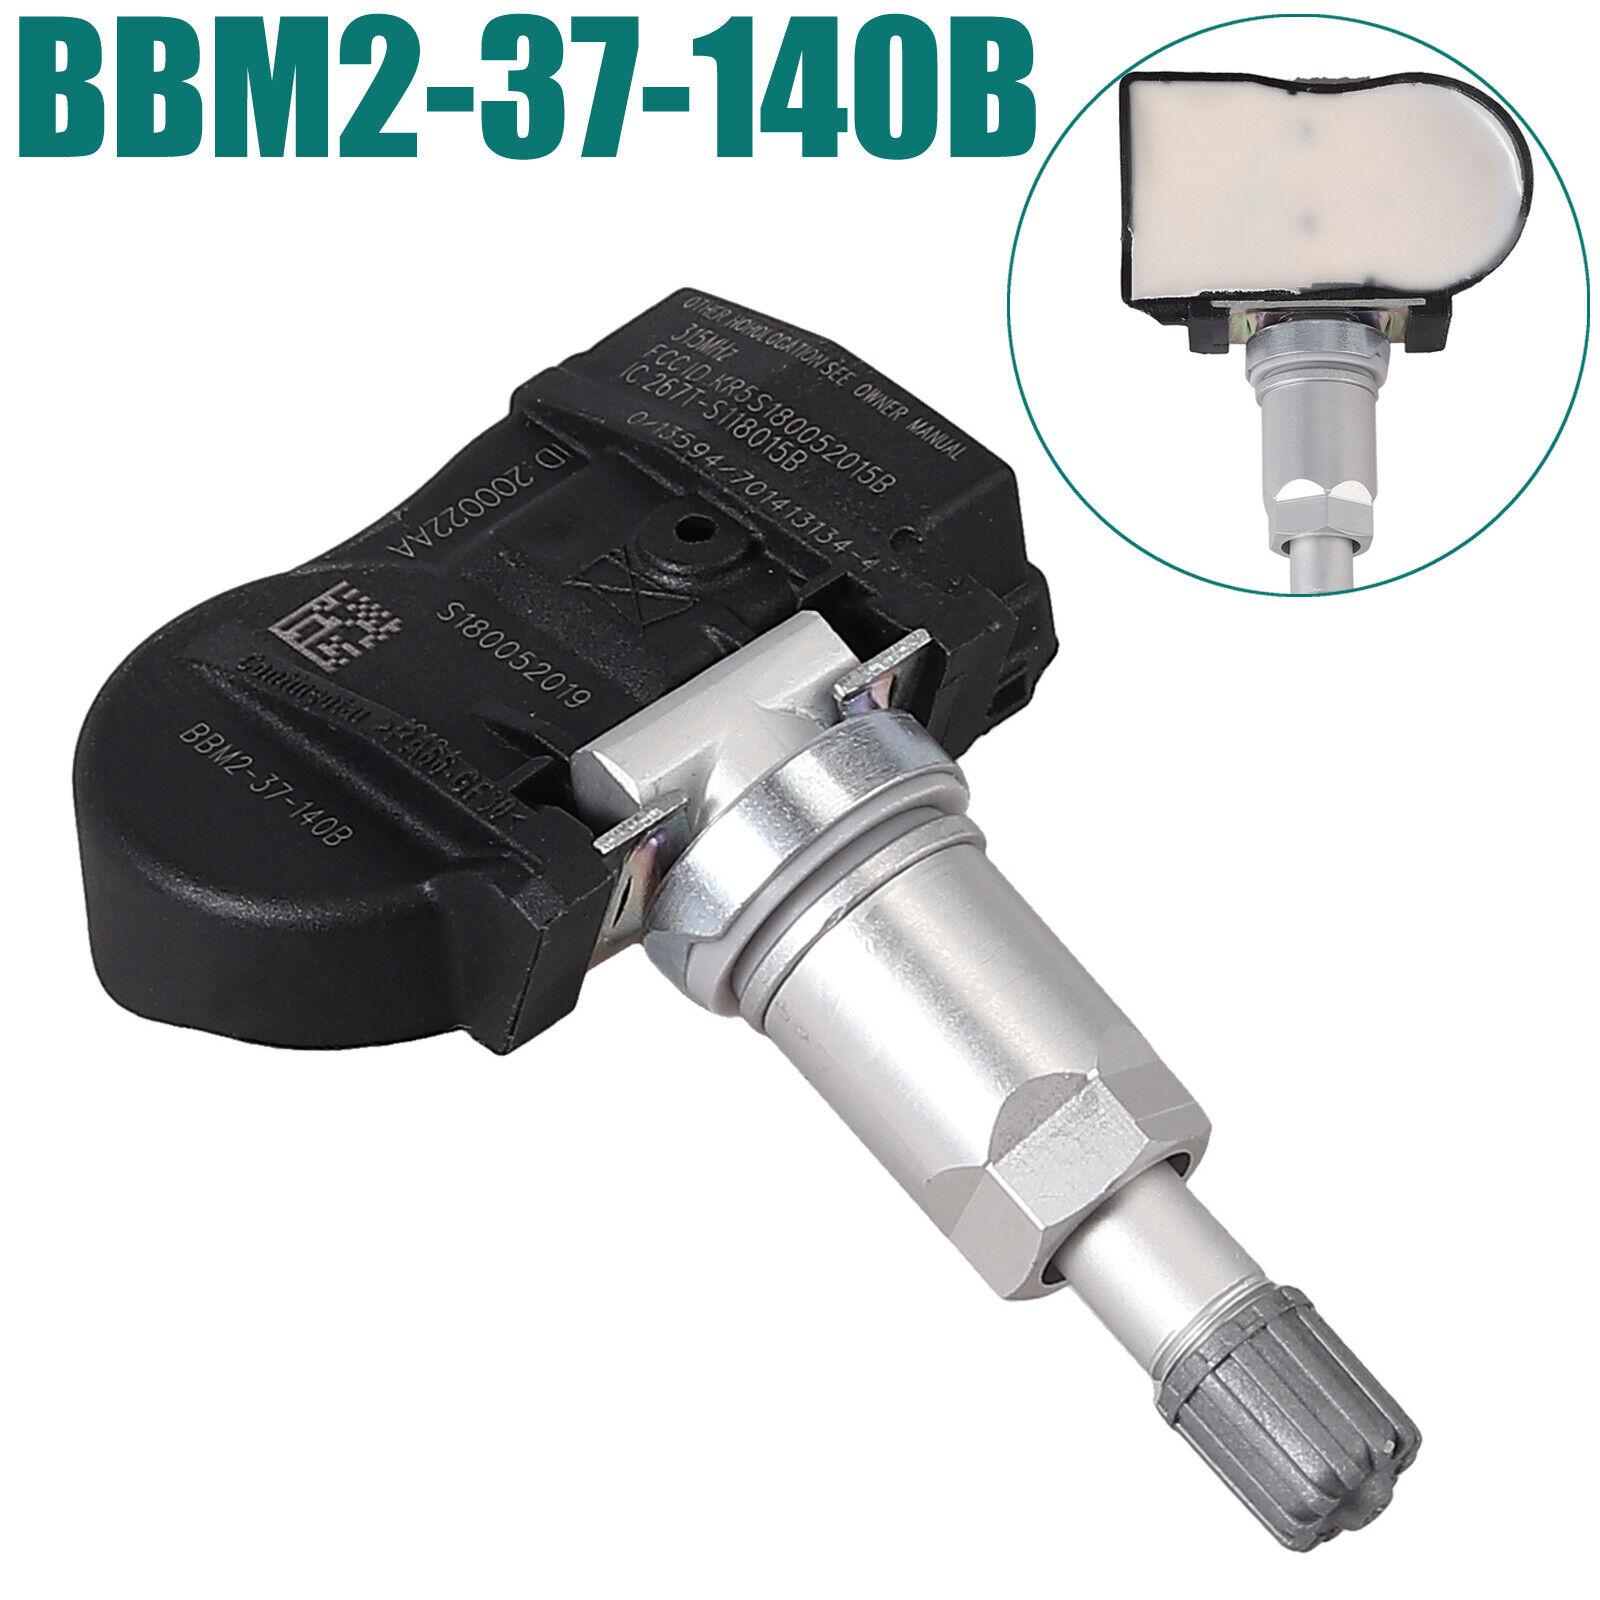 4x TPMS Tire Pressure Sensors For Mazda 6 5 3 2 MX5 RX8 CX7 CX9 BBM2-37-140B